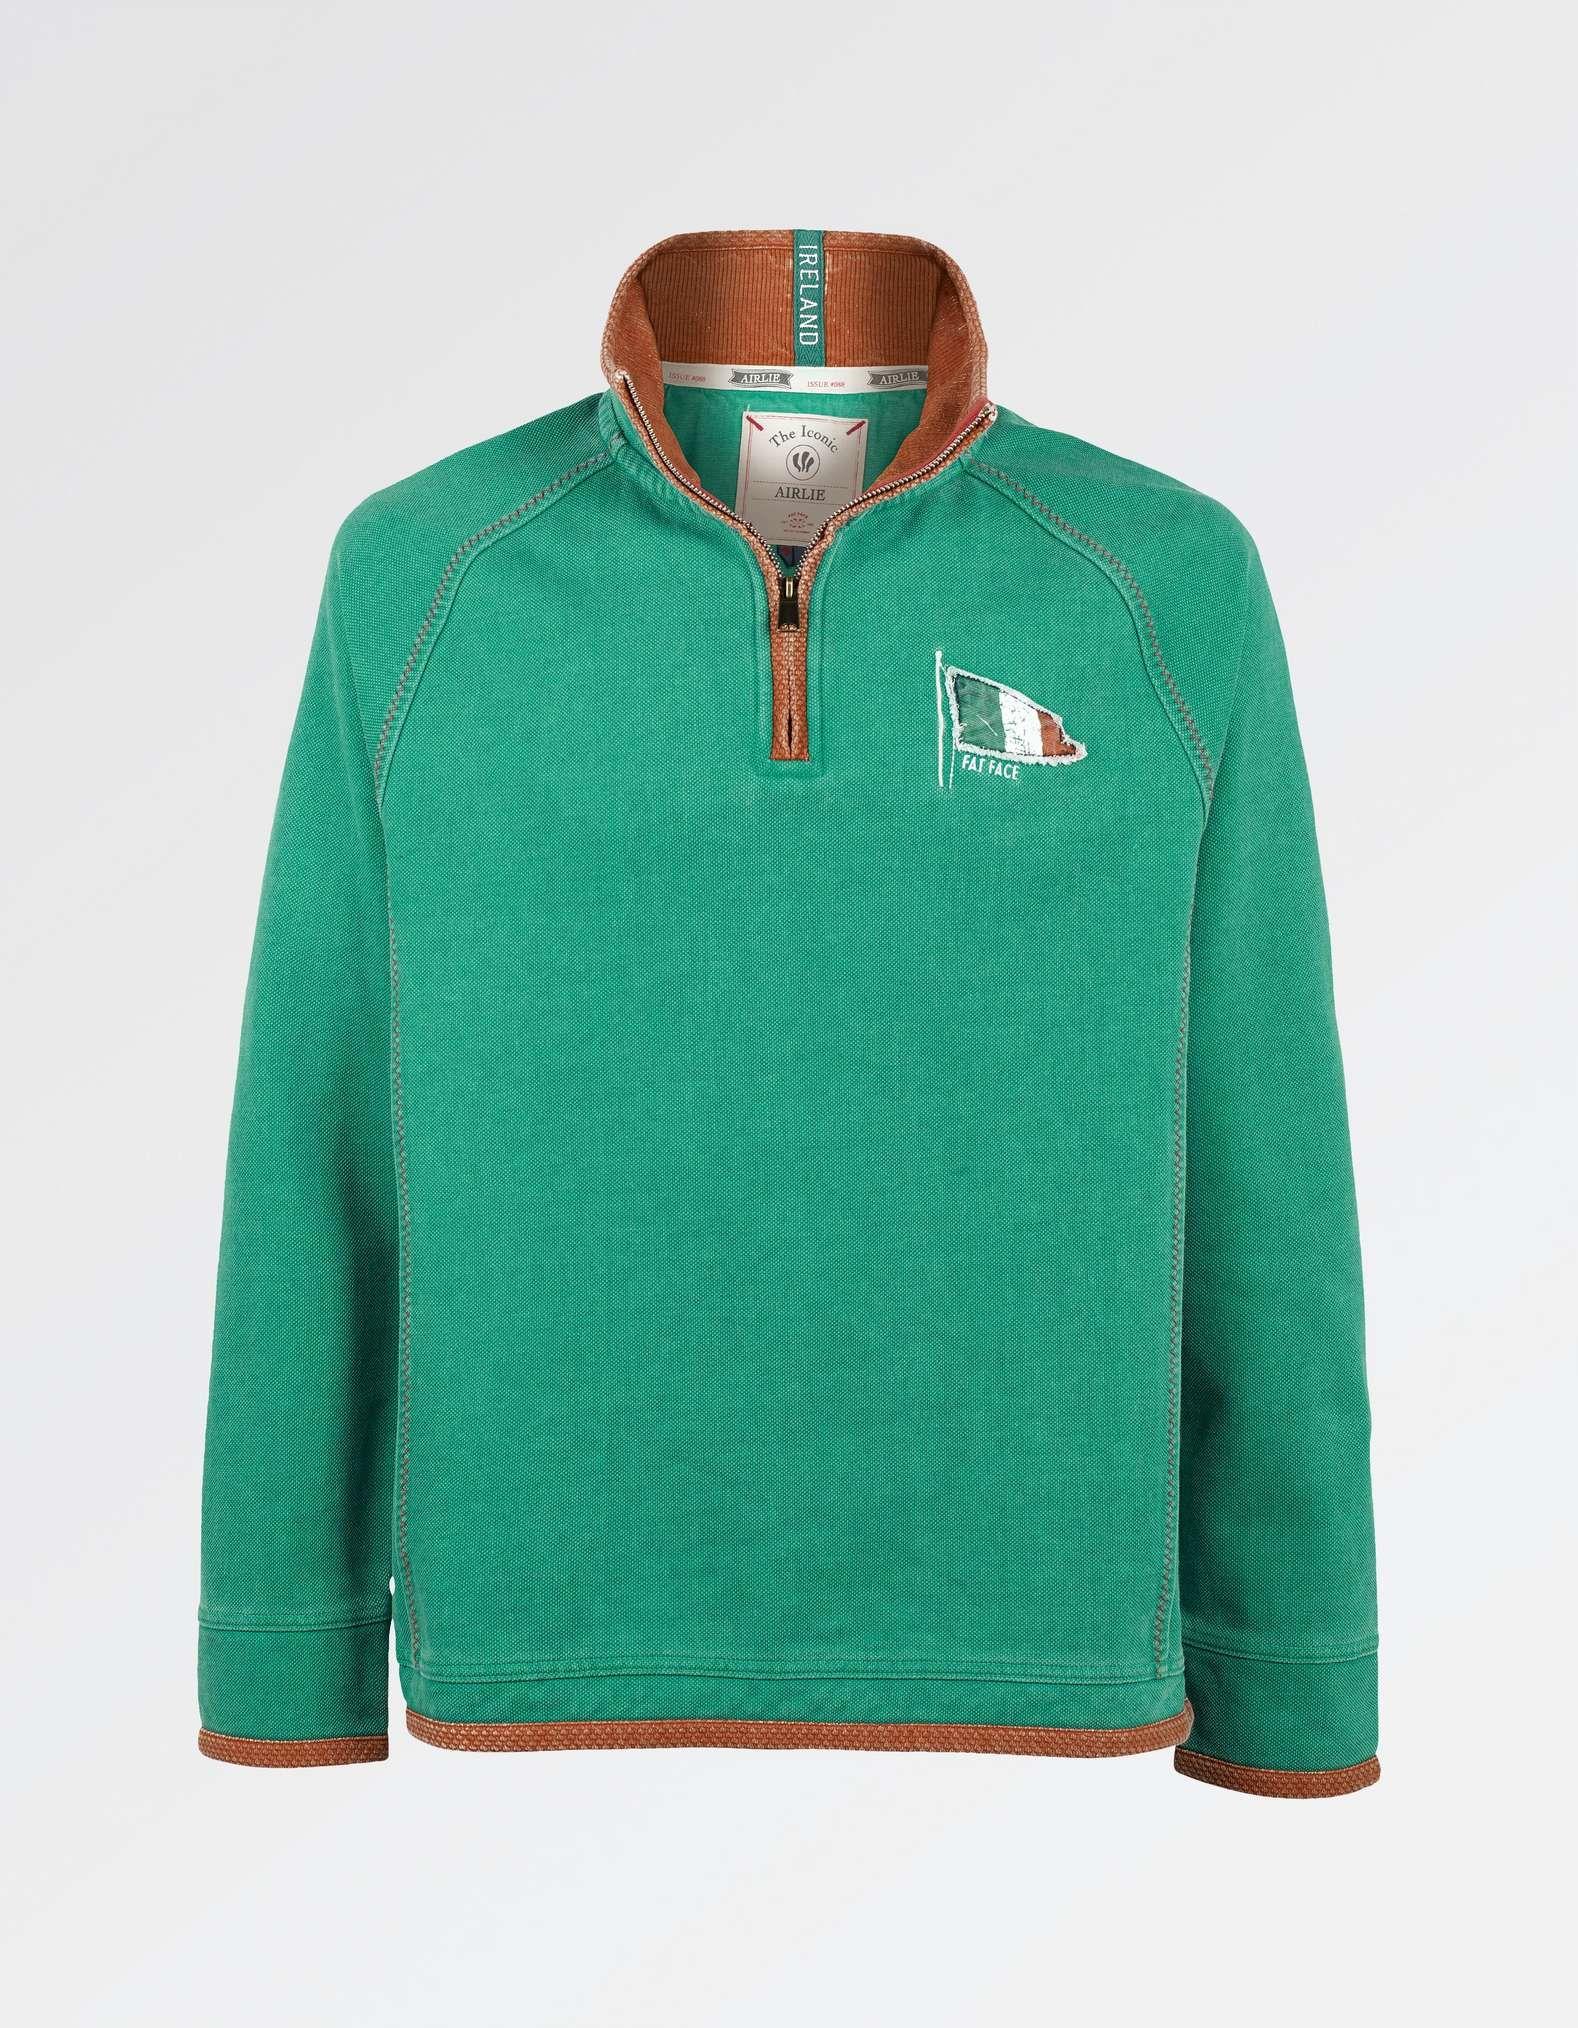 Buy Irish T-Shirt With Ireland Shamrock Design Leather